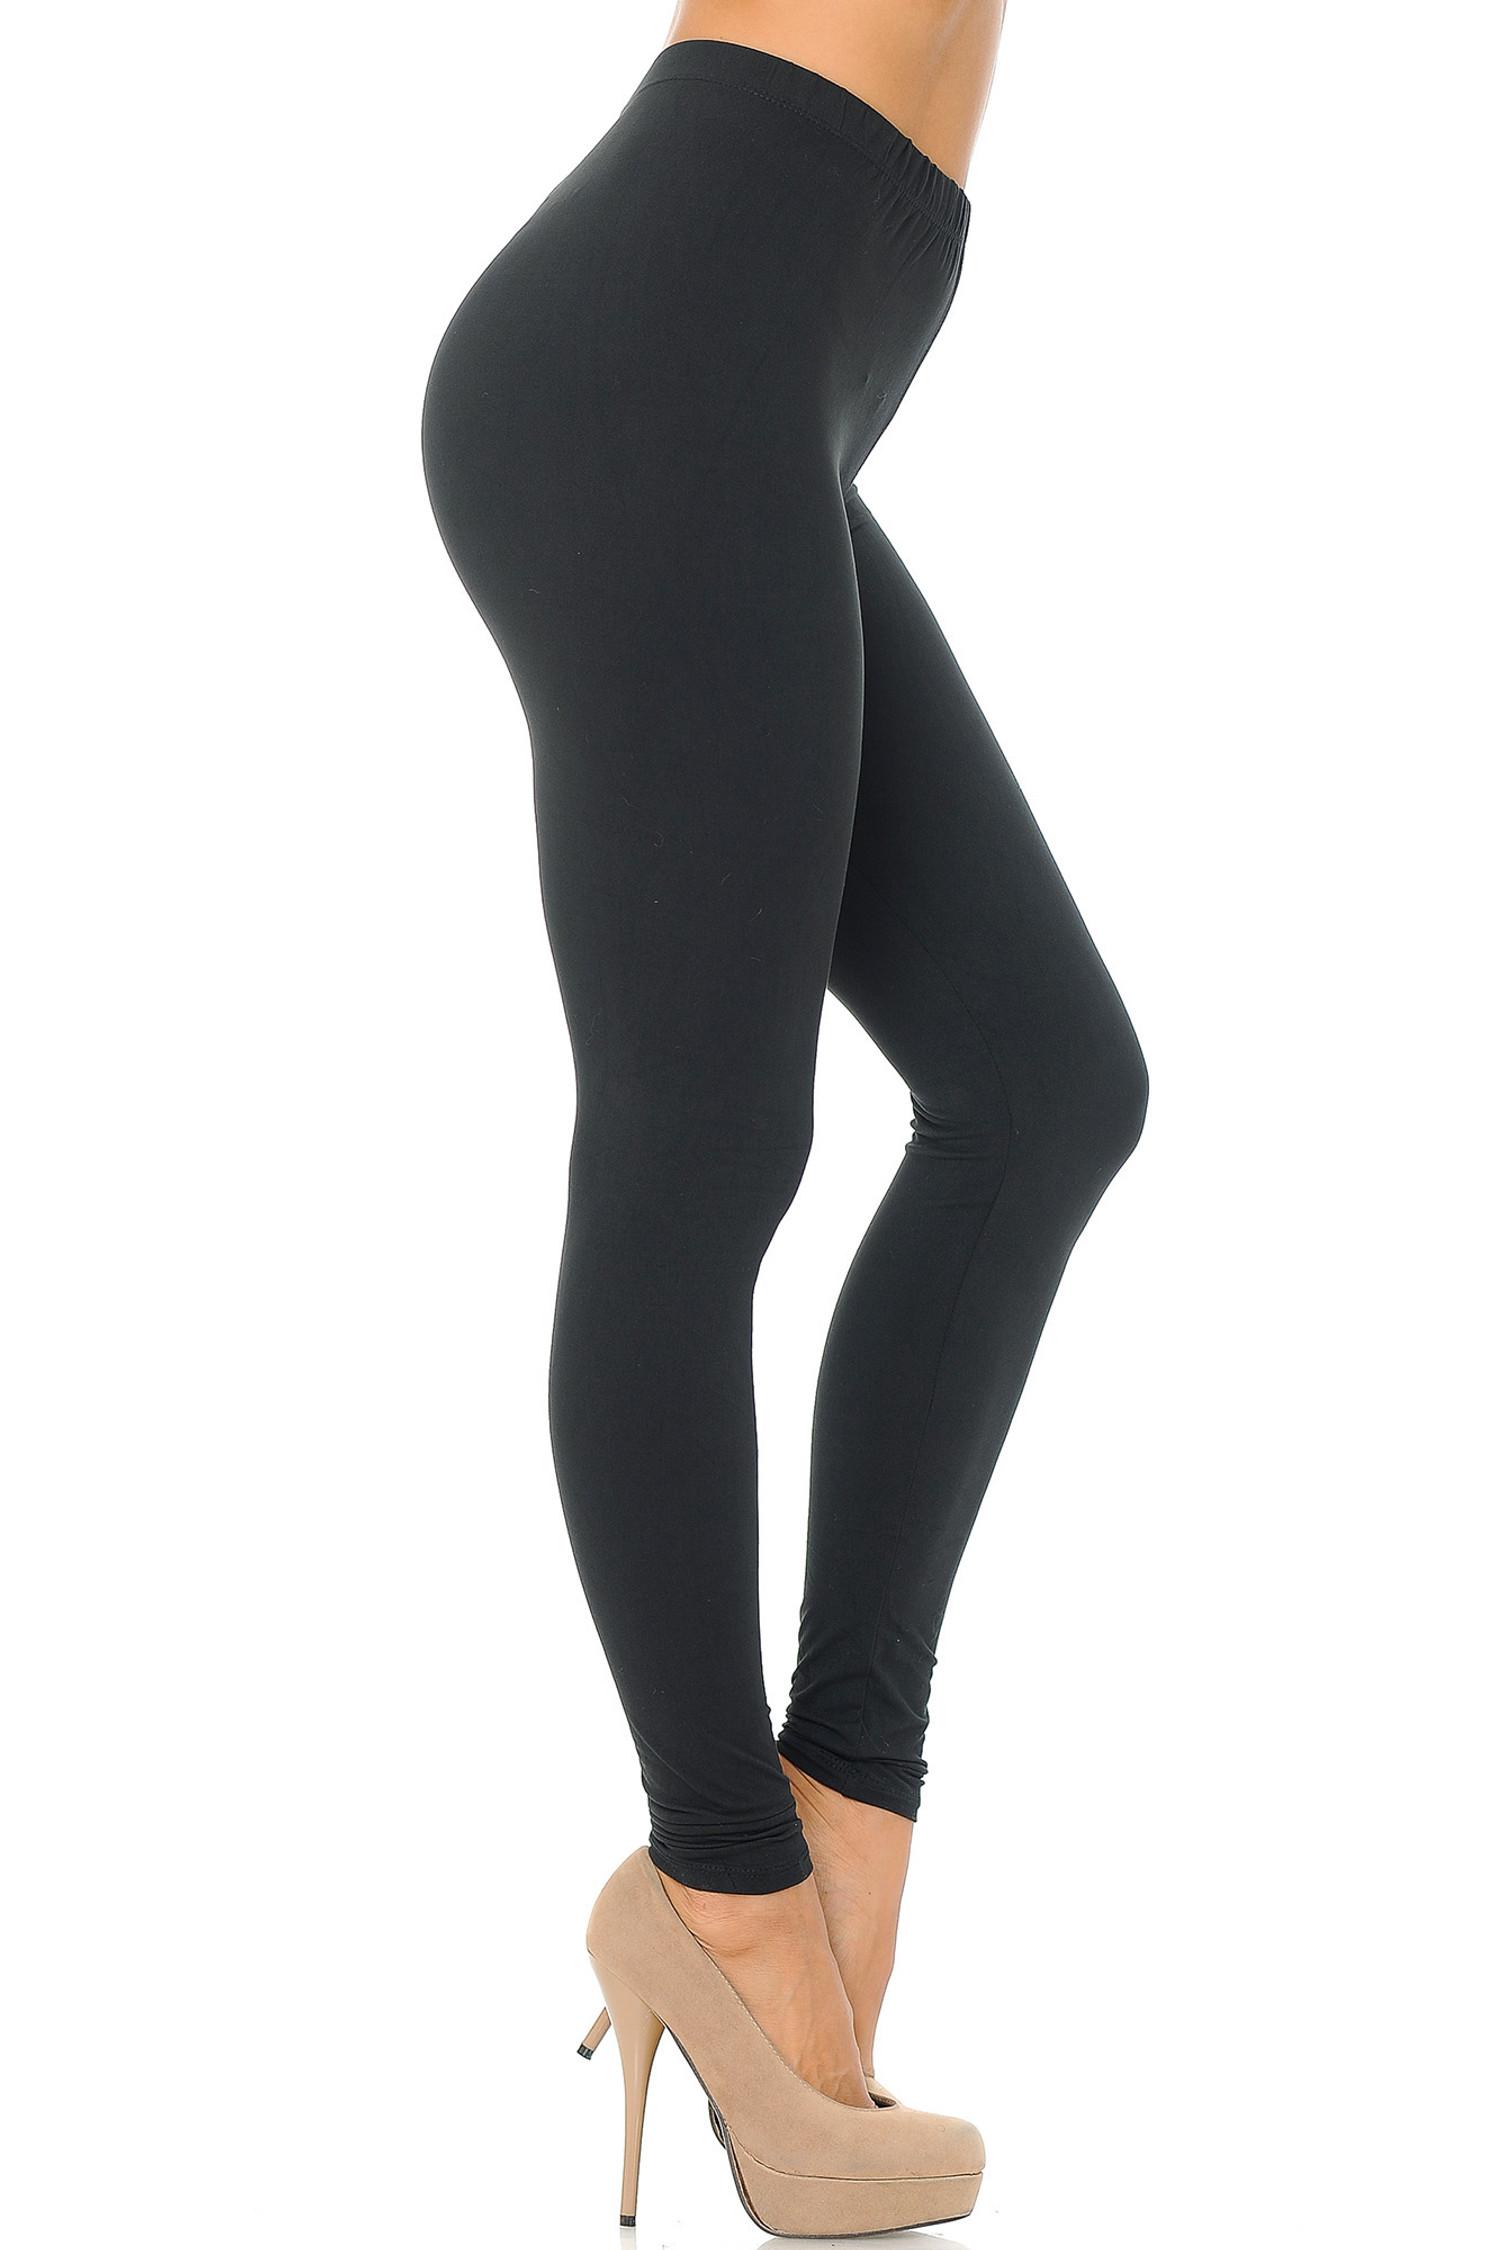 Brushed Basic Solid Leggings - EEVEE